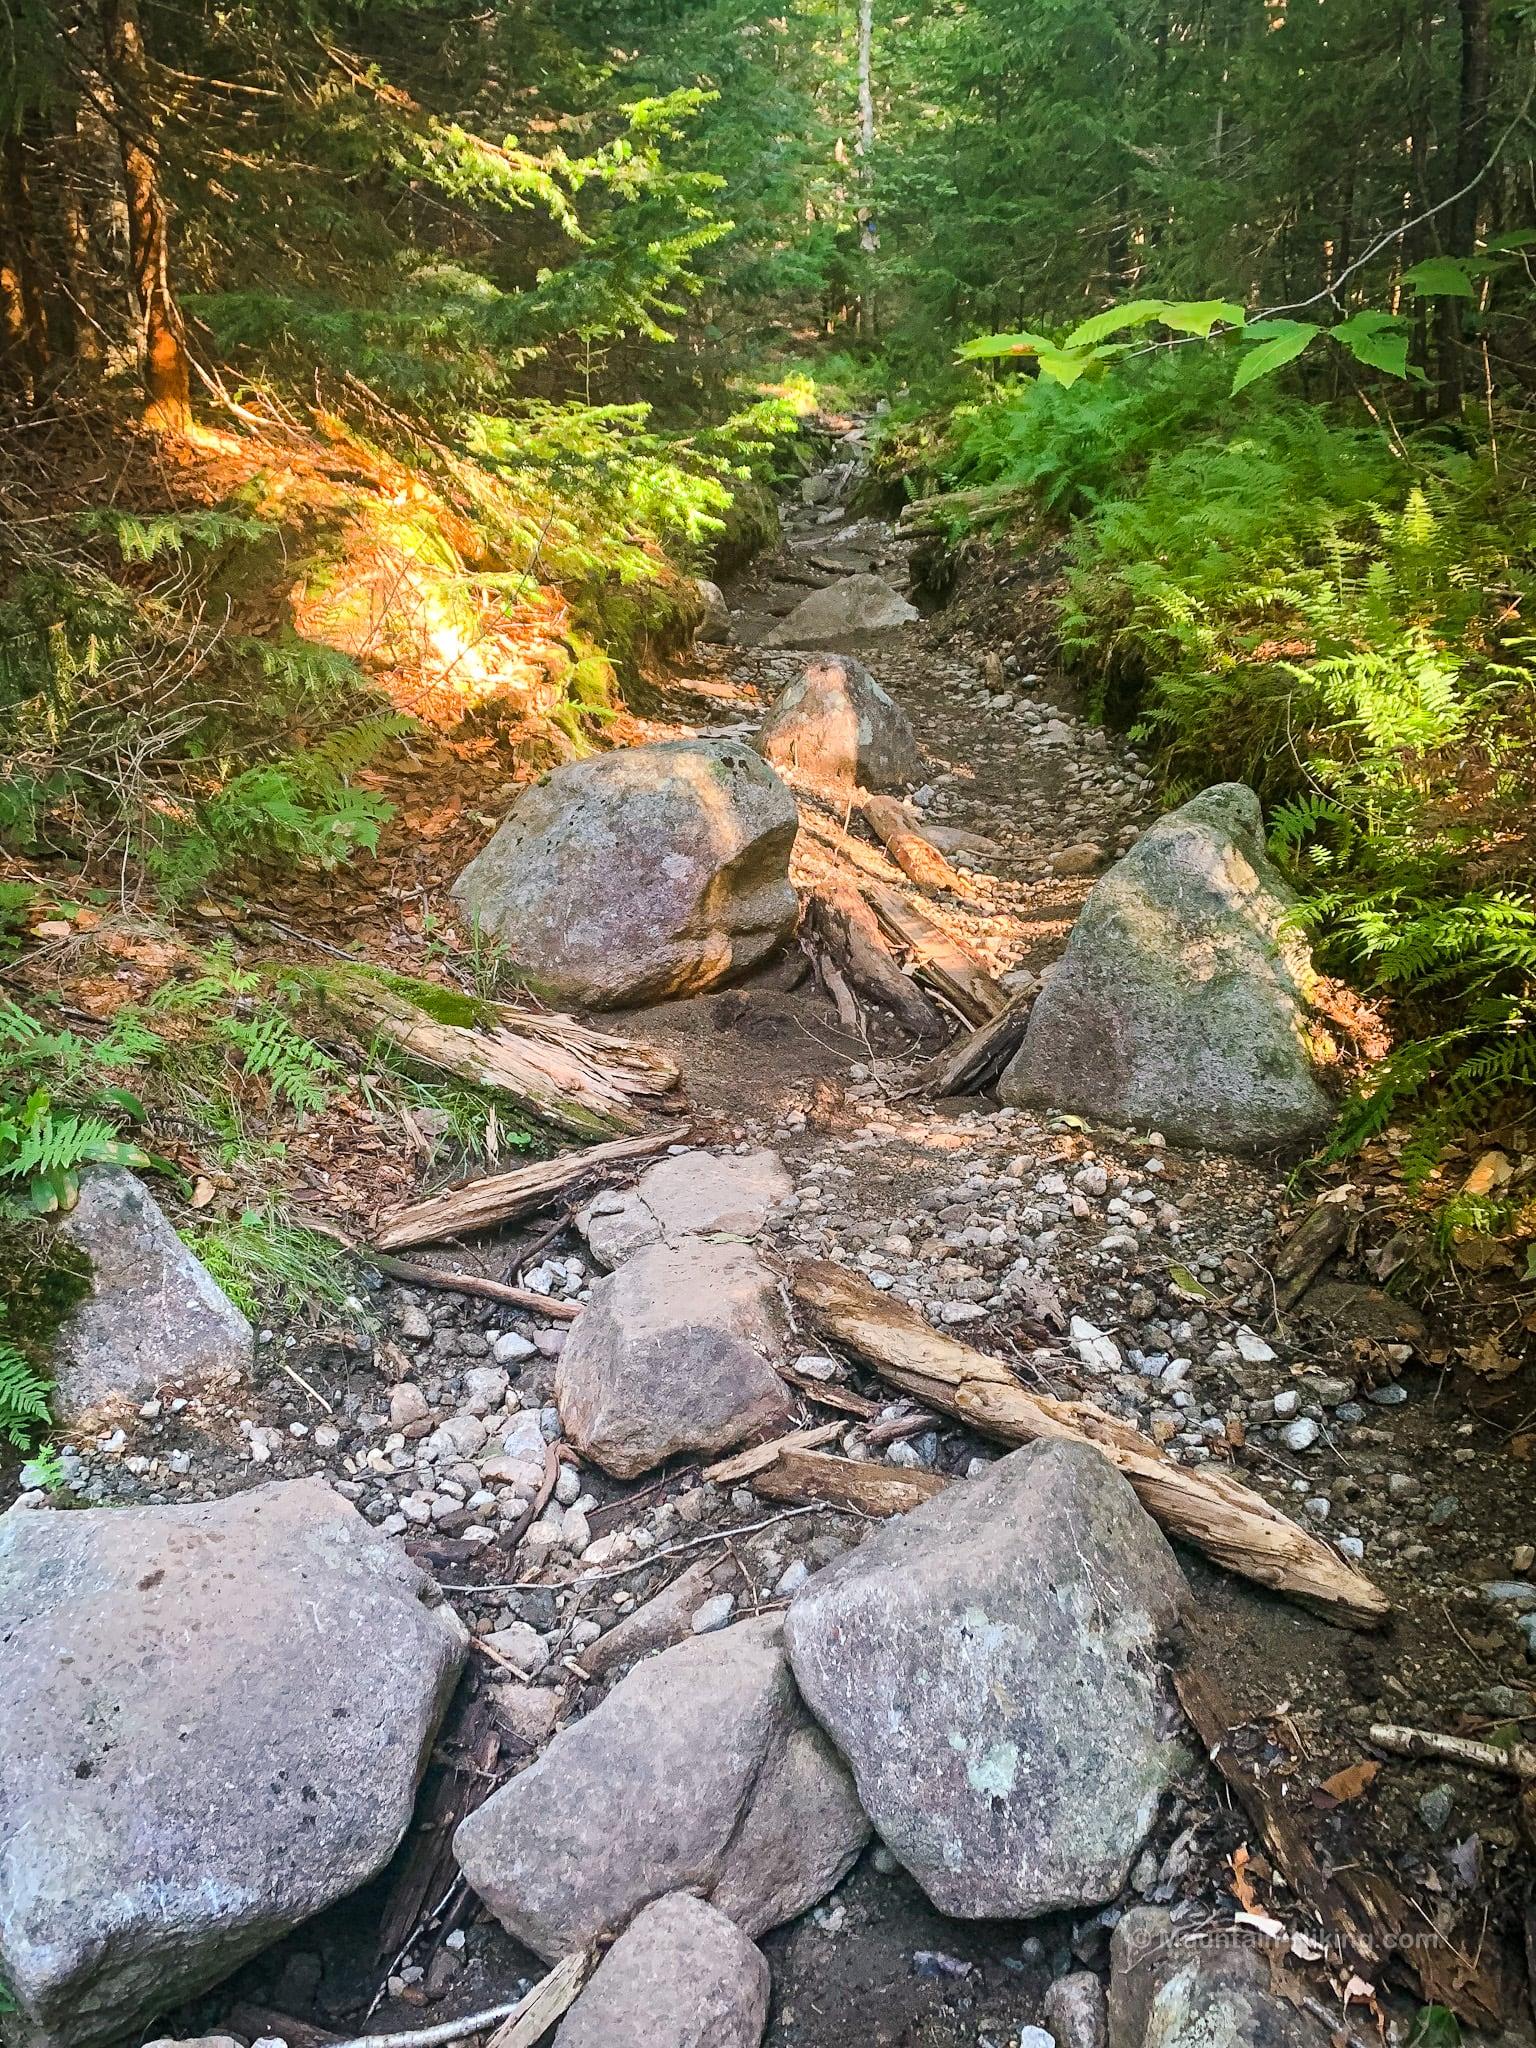 dry rocky trail